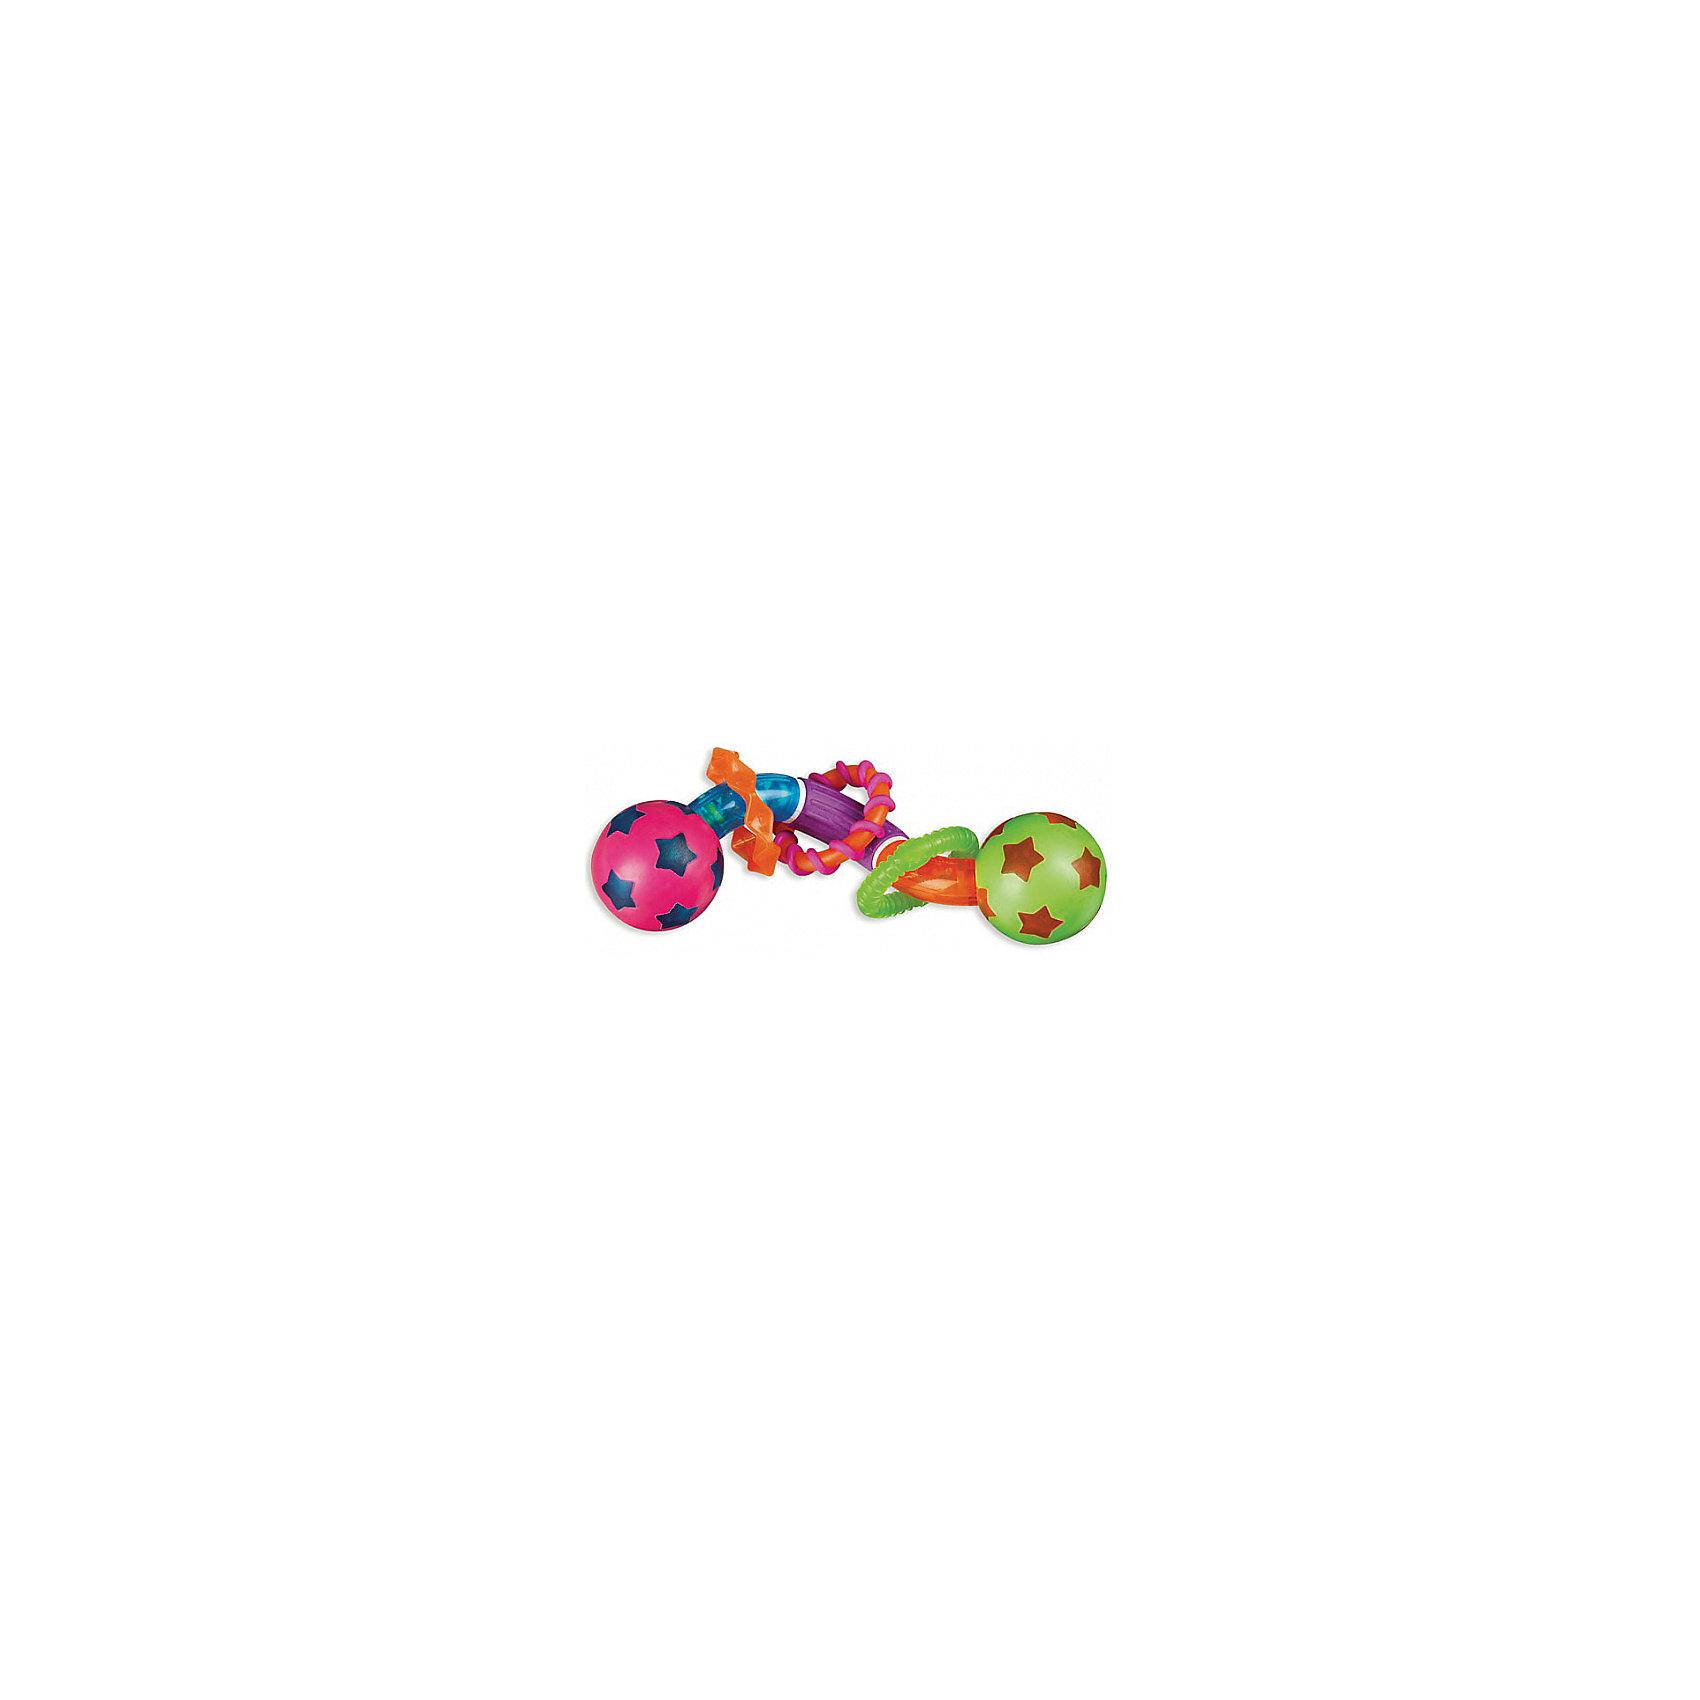 Игрушка твистер Мячики, MunchkinИгрушка  твистер  Мячики, Munchkin (Манчкин) - эта яркая игрушка привлечет внимание малыша и поможет облегчить период прорезывания зубов.<br>Игрушка твистер Мячики выполнена из разноцветных элементов в виде крутящейся спиральки с вращающимися шариками по краям. Ваш малыш сможет сжимать, кусать и скручивать игрушку, создавая различные конфигурации. На спираль нанизаны три разноцветных колечка с различными рельефными поверхностями, которые снимут неприятные ощущения в период прорезывания зубов. Игрушка способствует развитию цветовосприятия, тактильных ощущений и мелкой моторики рук.<br><br>Дополнительная информация:<br><br>- Материал: пластик<br>- Размер игрушки: 18 х 4,5 х 4,5 см.<br>- Размер упаковки: 22 х 12 х 8 см.<br>- Вес: 100 г.<br><br>Игрушку твистер  Мячики, Munchkin (Манчкин) можно купить в нашем интернет-магазине.<br><br>Ширина мм: 80<br>Глубина мм: 120<br>Высота мм: 220<br>Вес г: 100<br>Возраст от месяцев: 6<br>Возраст до месяцев: 36<br>Пол: Унисекс<br>Возраст: Детский<br>SKU: 4142389